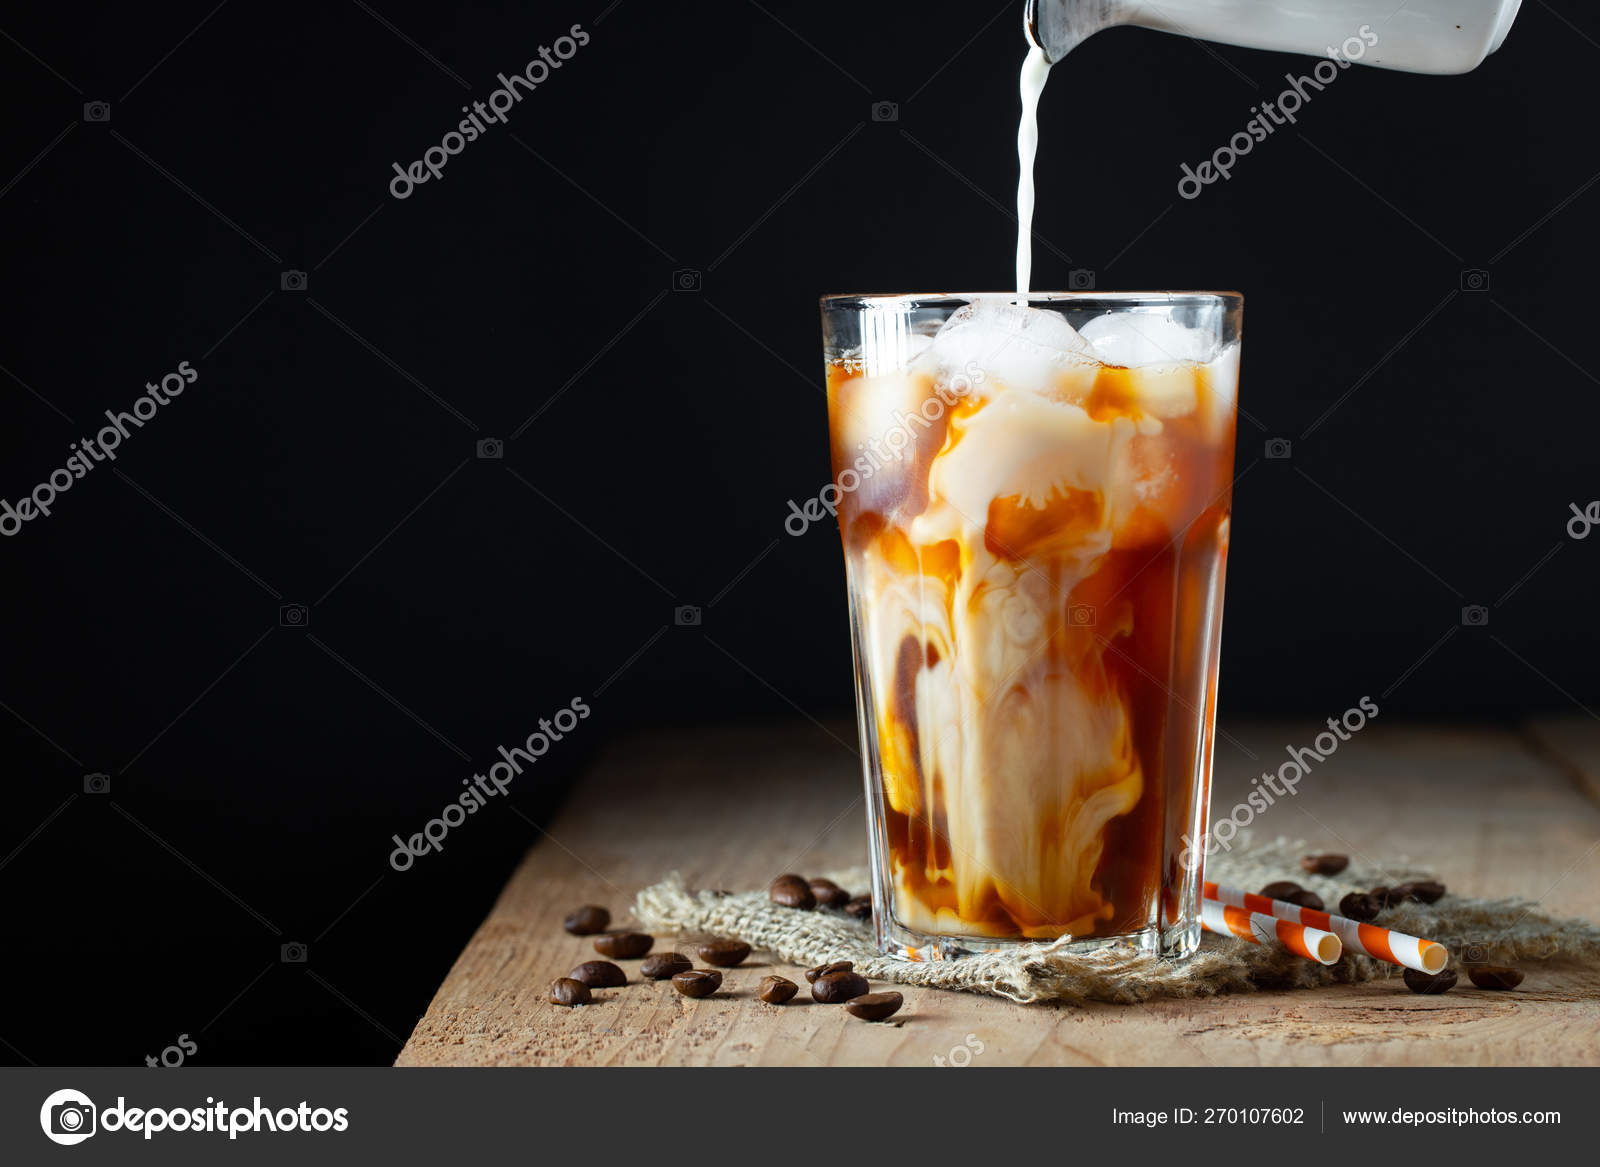 Кофе со льдом в высоком стакане со сливками, кубиками льда и бобами на старом деревенском деревянном столе. Холодный летний напиток с трубками на черном фоне с копировальным пространством — Стоковое фото ©